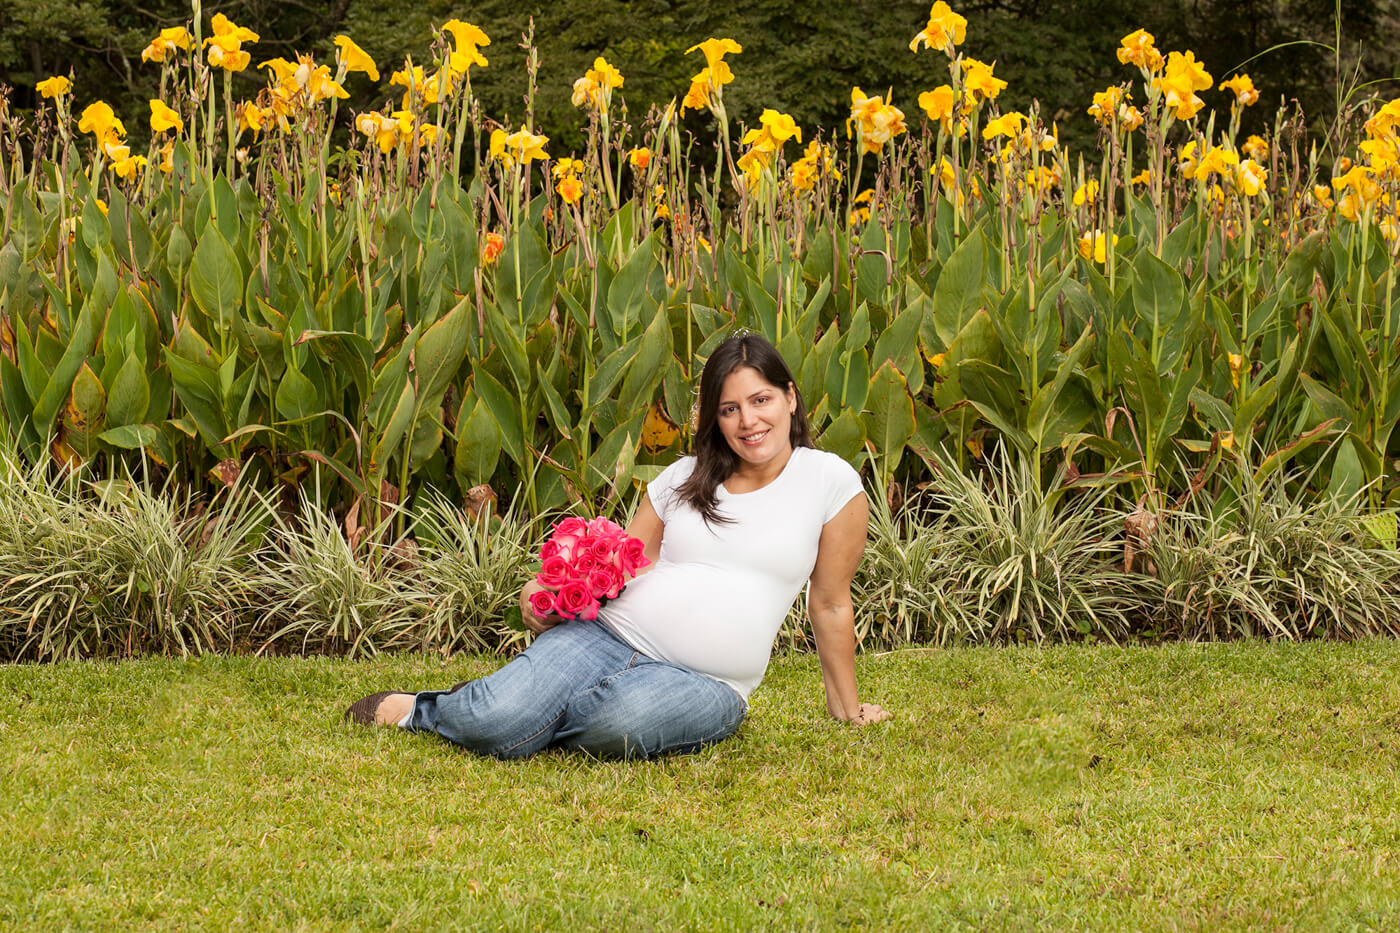 embarazadas,embarazo,maternales,maternidad,prenatales,gestacion,fotografia de embarazadas,foto de embarazadas,foto de embarazada,fotos de embarazo,fotos maternales,fotos prenatales